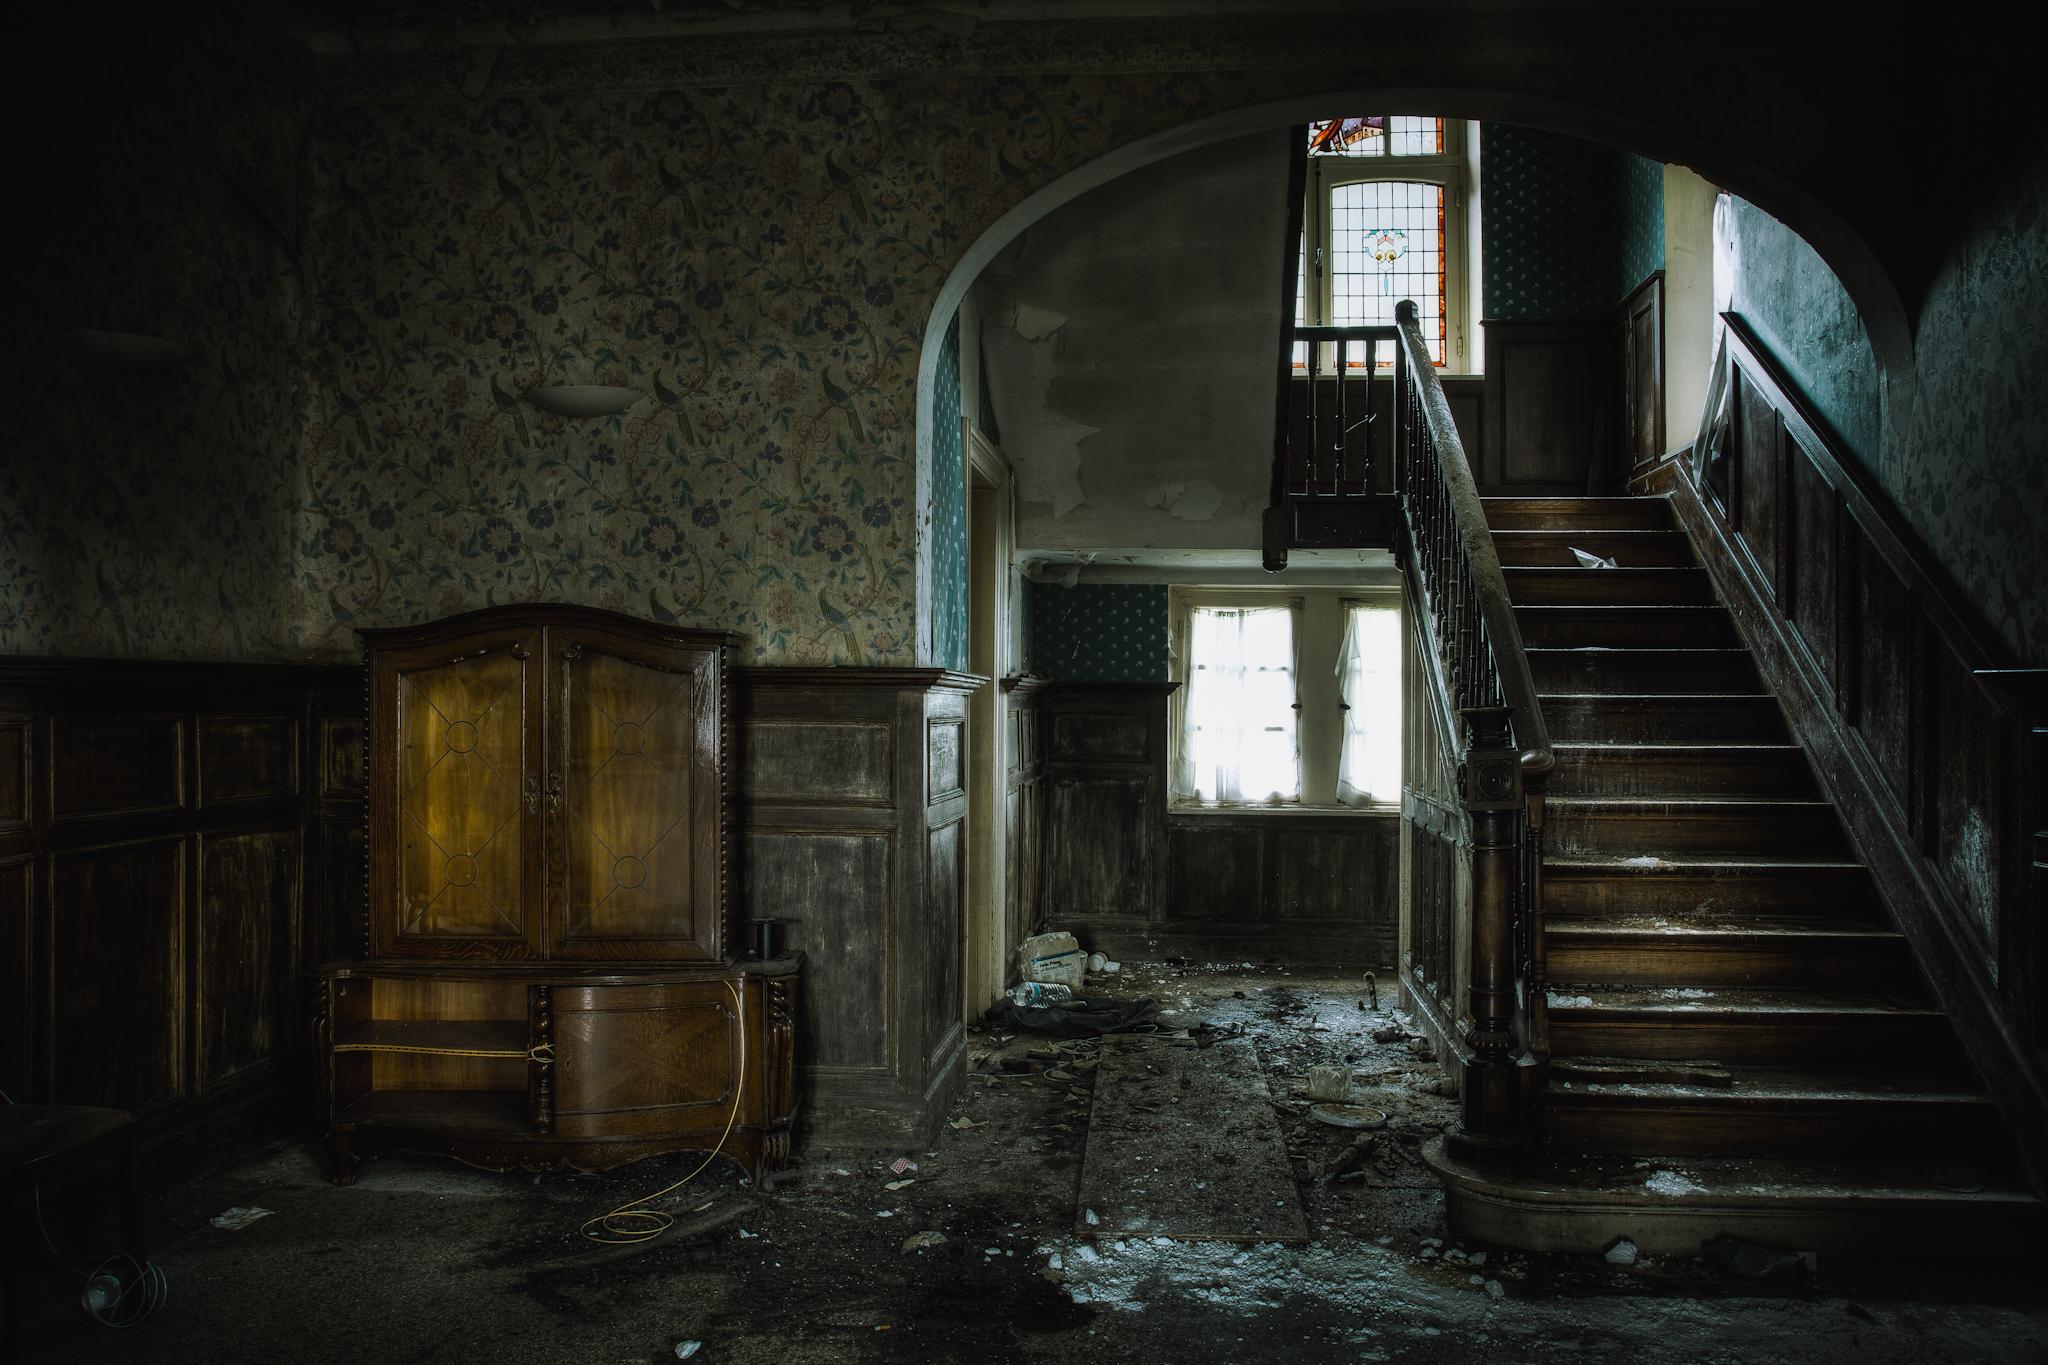 картинки заброшенного дома внутри новое